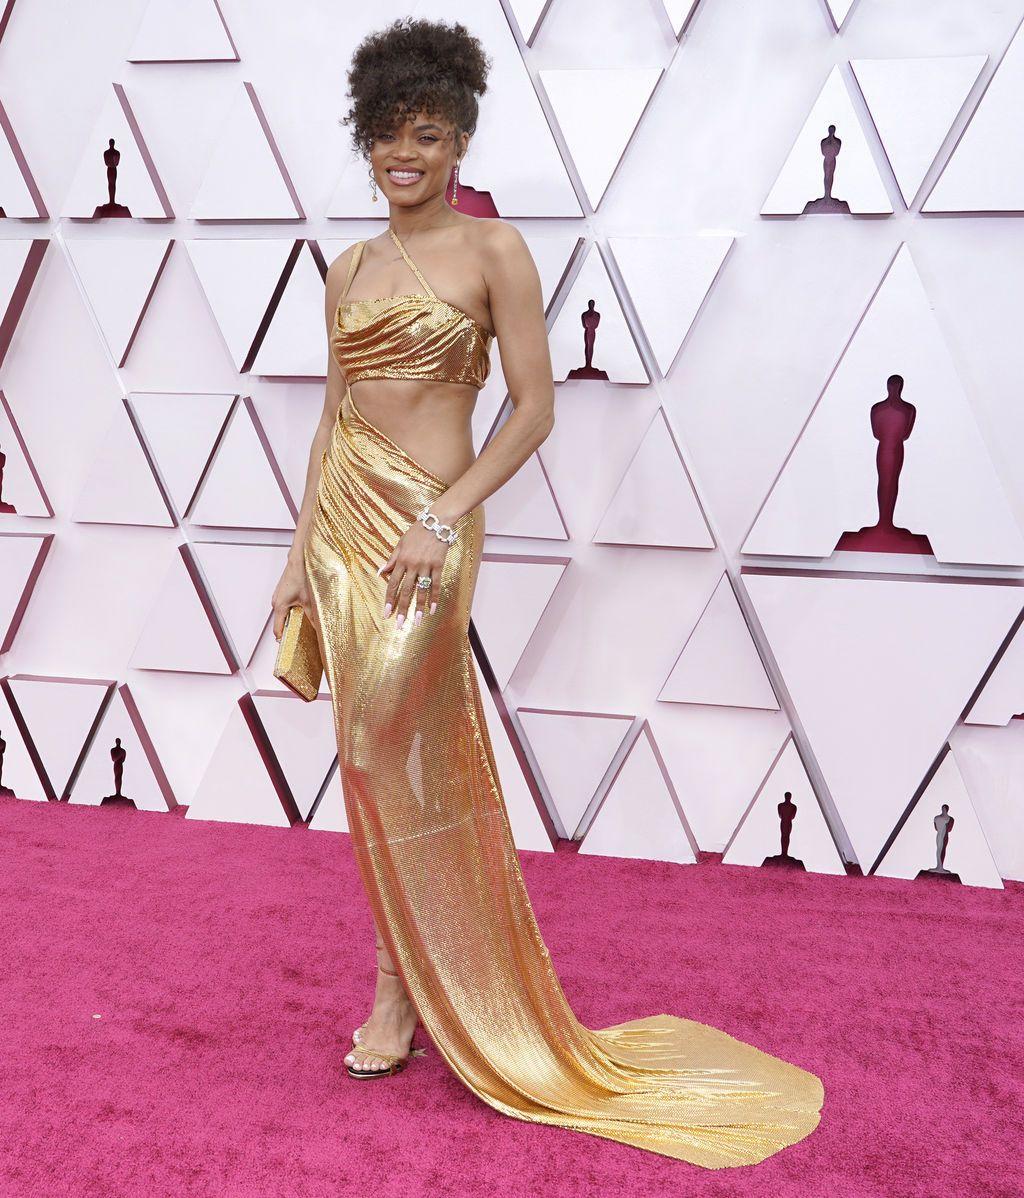 Andra Day desfila en la alfombra roja de Union Station, la estación de autobuses de Los Ángeles, una de las sedes donde tiene lugar la gala de los Premios Oscars 2021